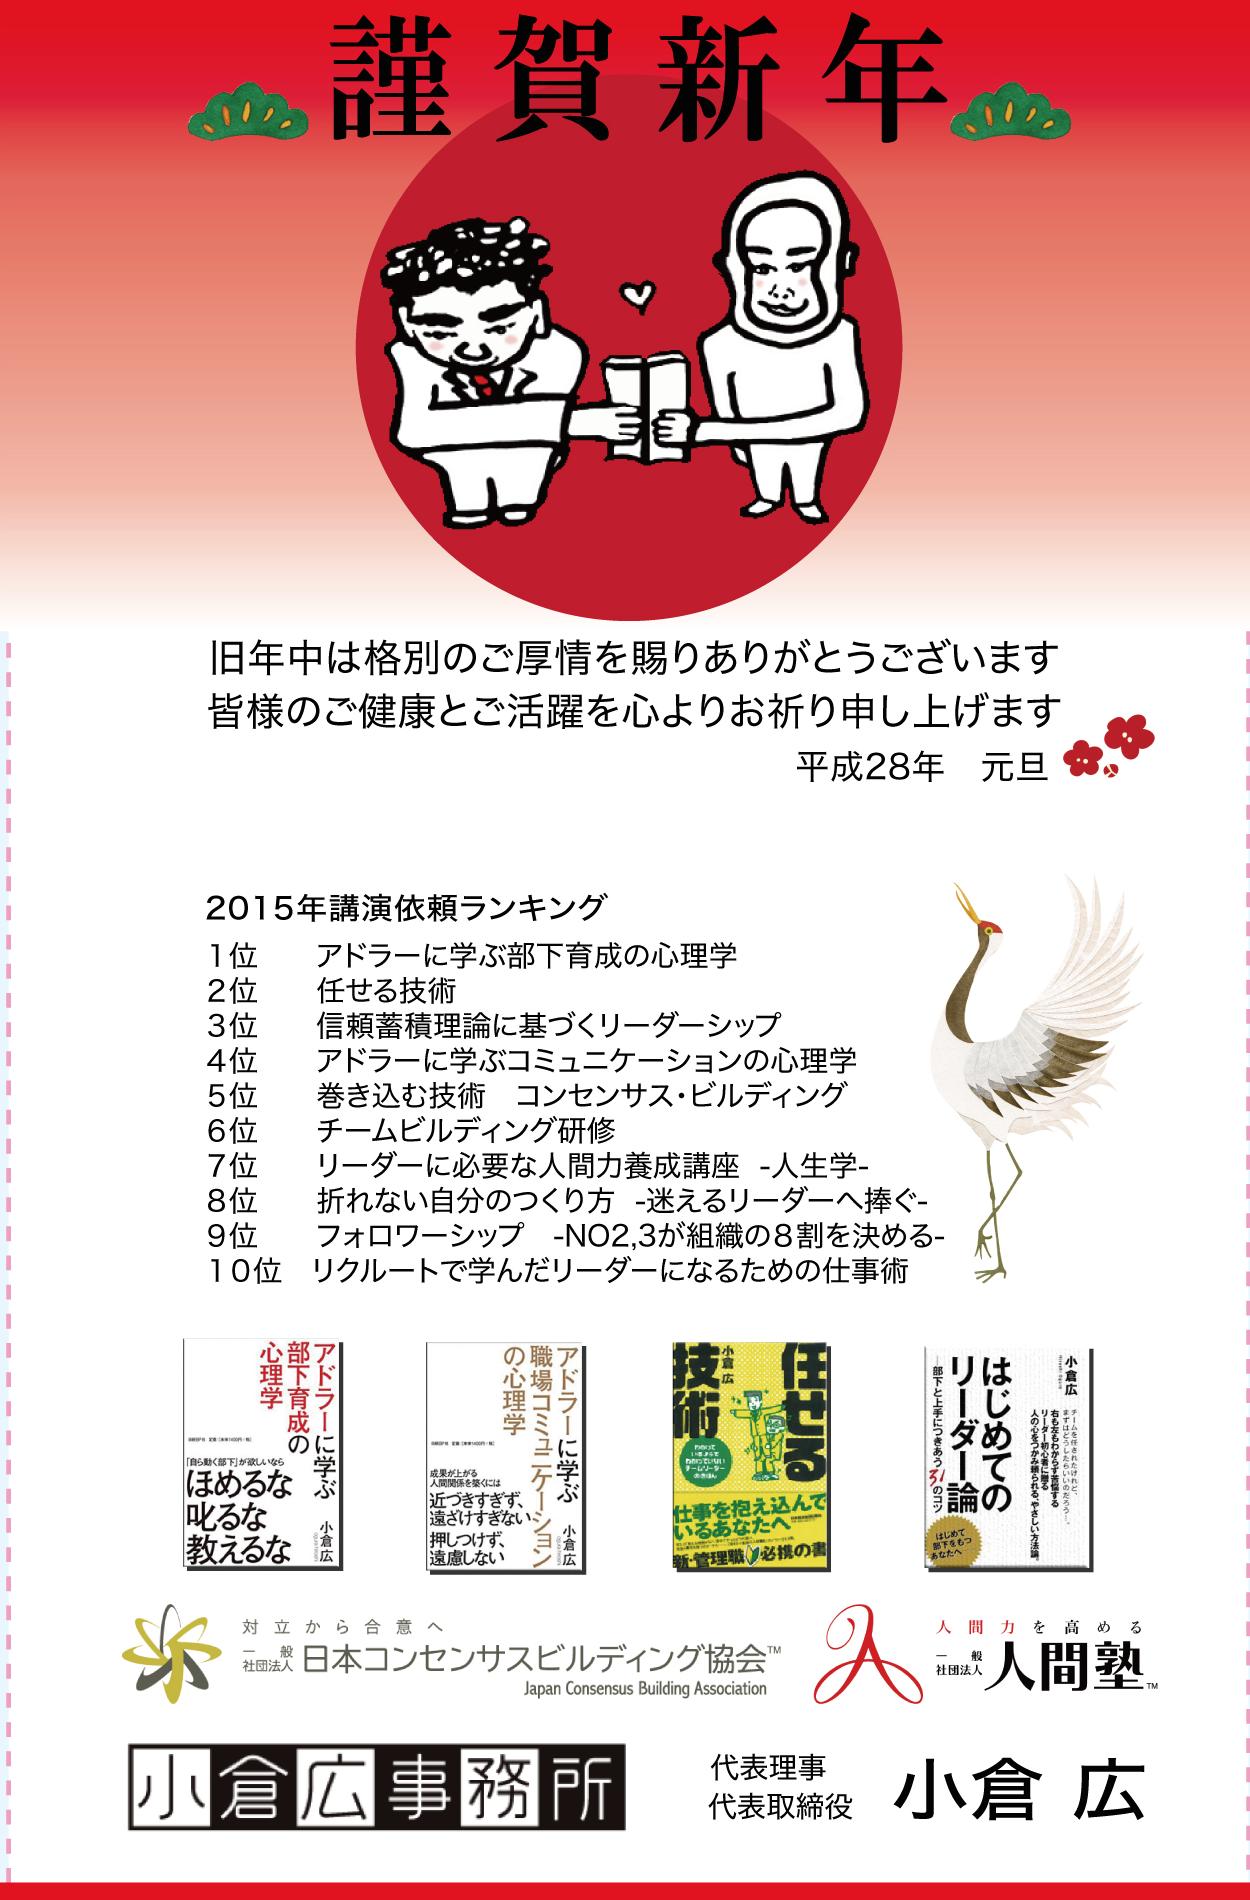 2015年を振り返って。河合隼雄先生のお言葉「180度の変化はたやすい」